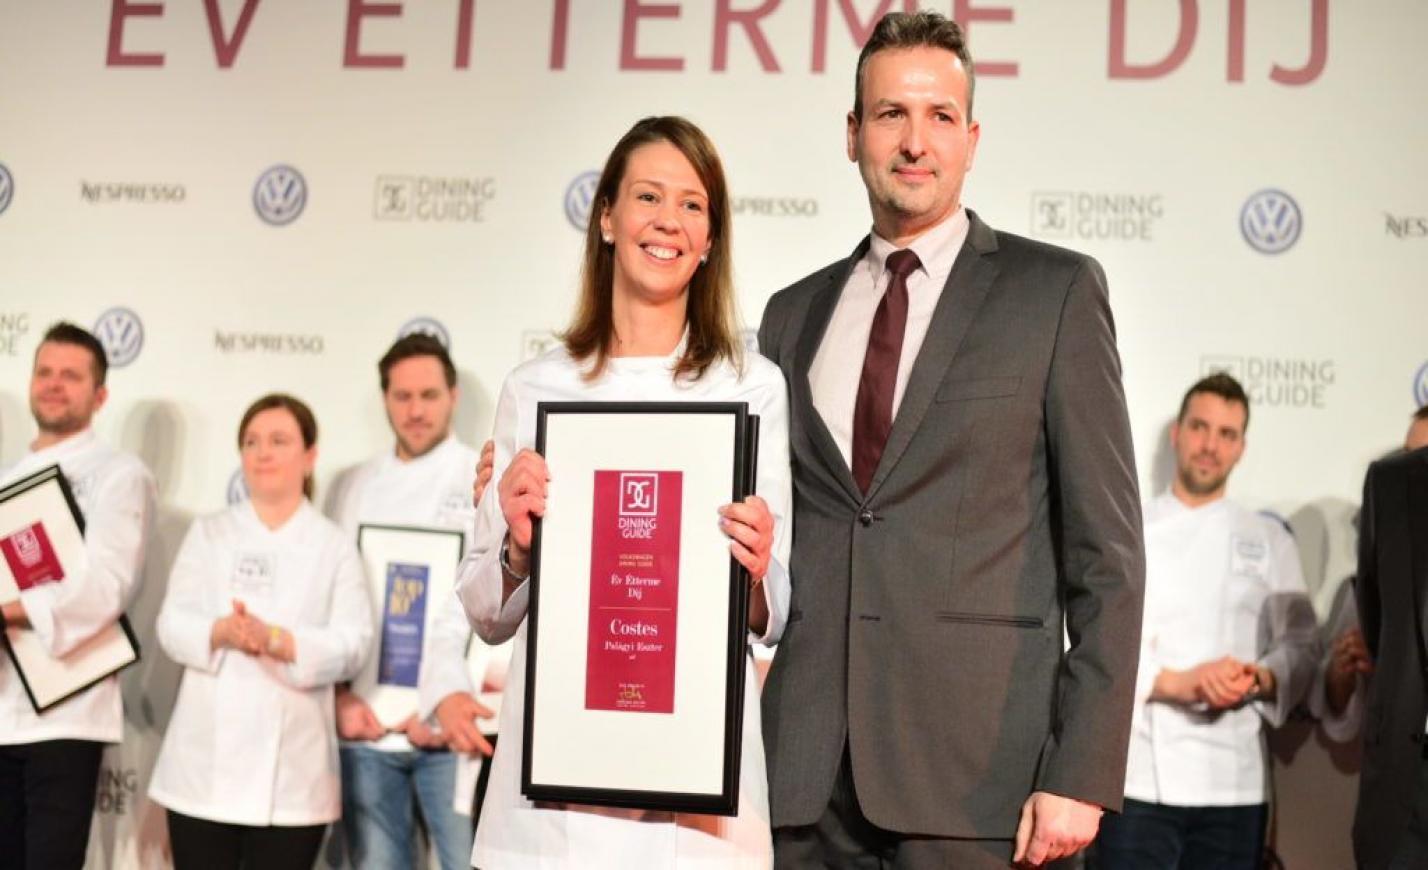 Második éve, hogy nő viszi az ország legjobb éttermét